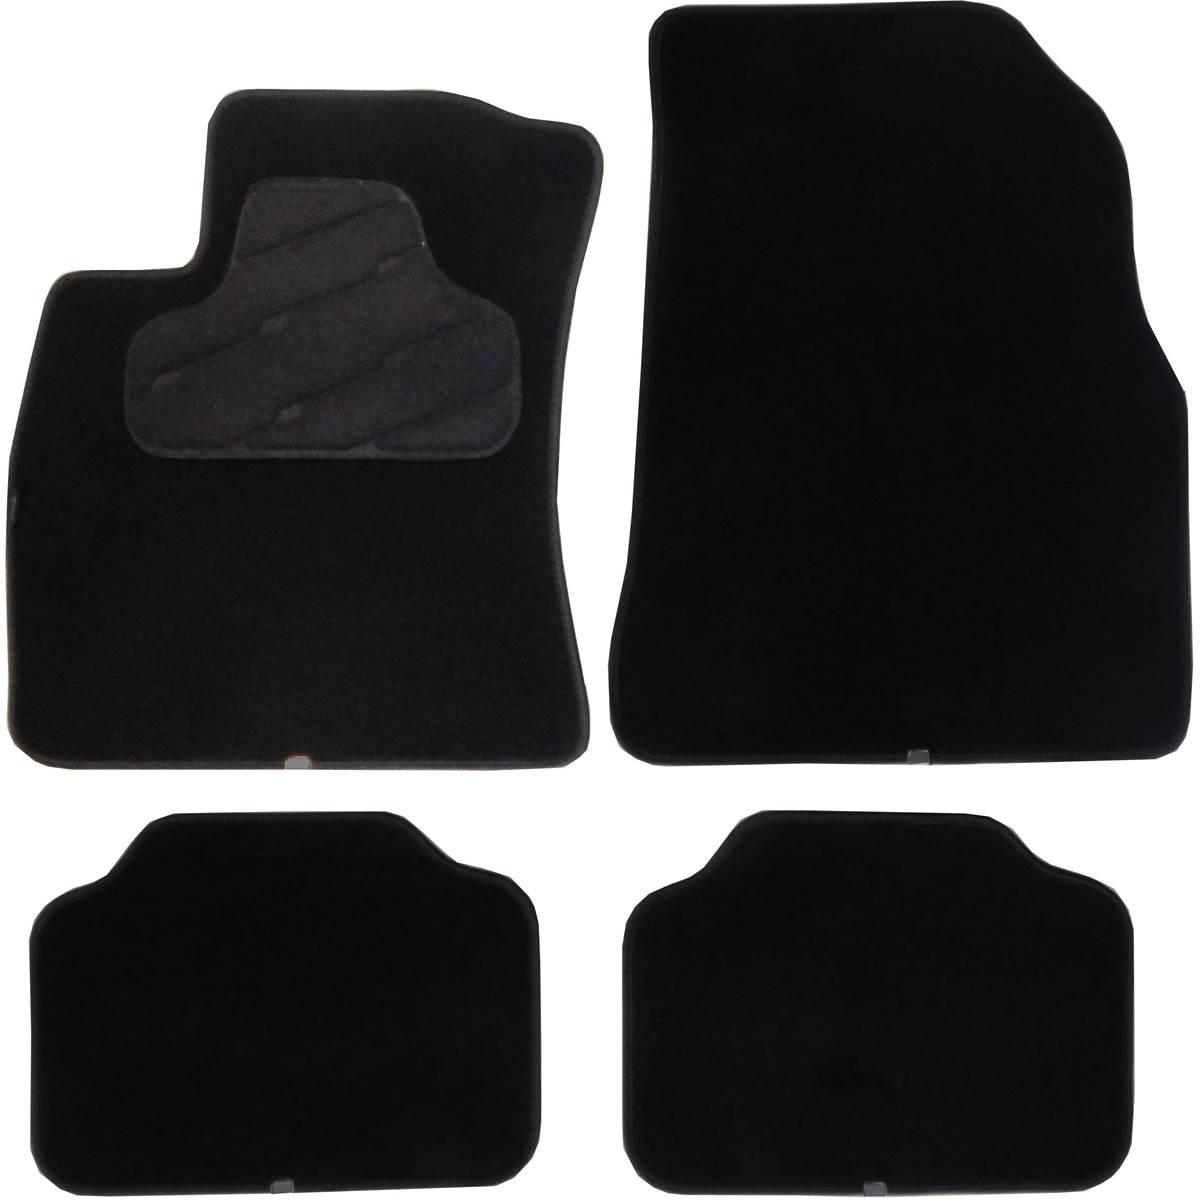 4 tapis de voiture adapt s constructeur pour v hicules fiat feu vert. Black Bedroom Furniture Sets. Home Design Ideas